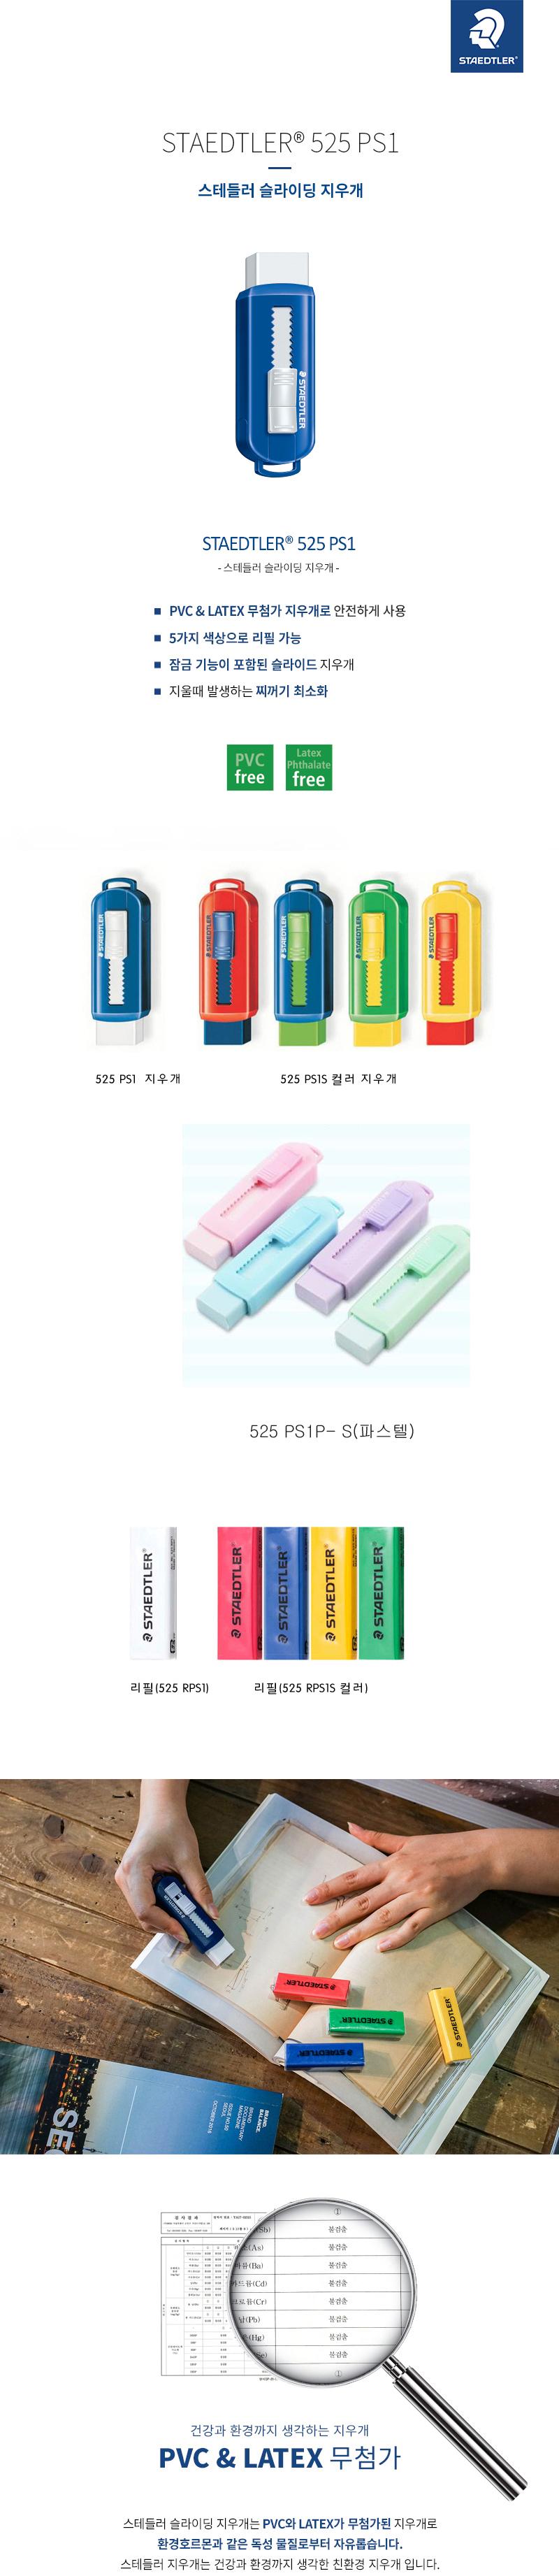 스테들러 슬라이딩 지우개 (525 PS1) - 펜스테이션, 3,000원, 지우개/수정액, 샤프식지우개